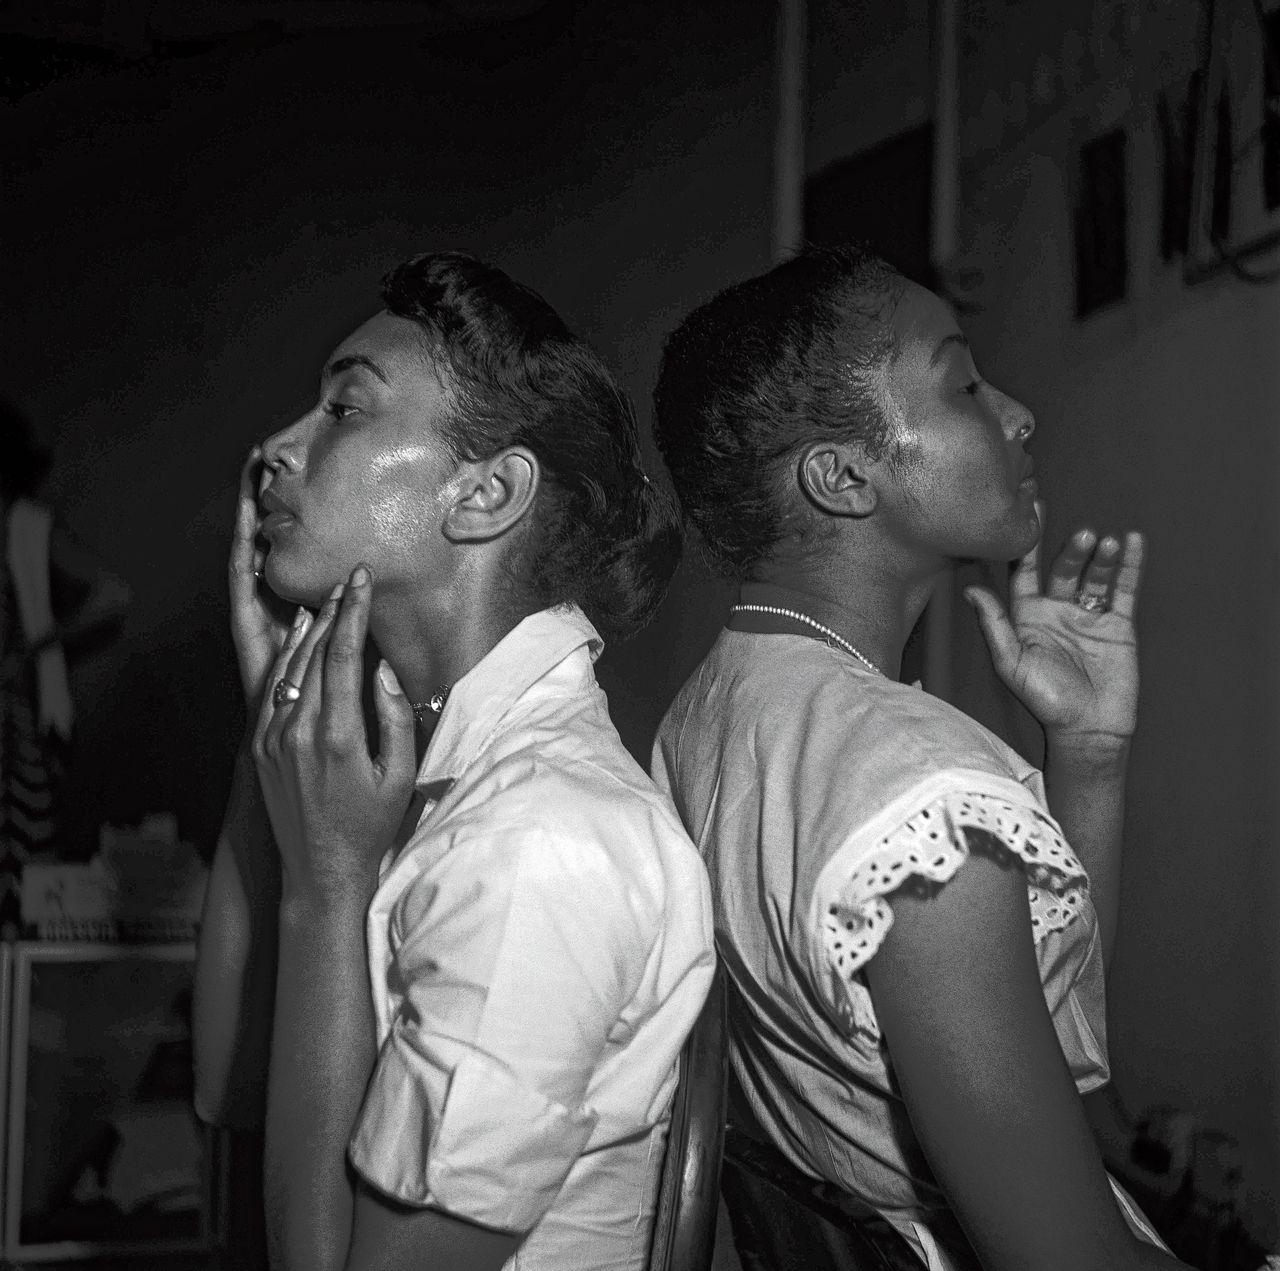 New York, 1950: Zwarte fotomodellen kort voor hun optreden in Harlem.